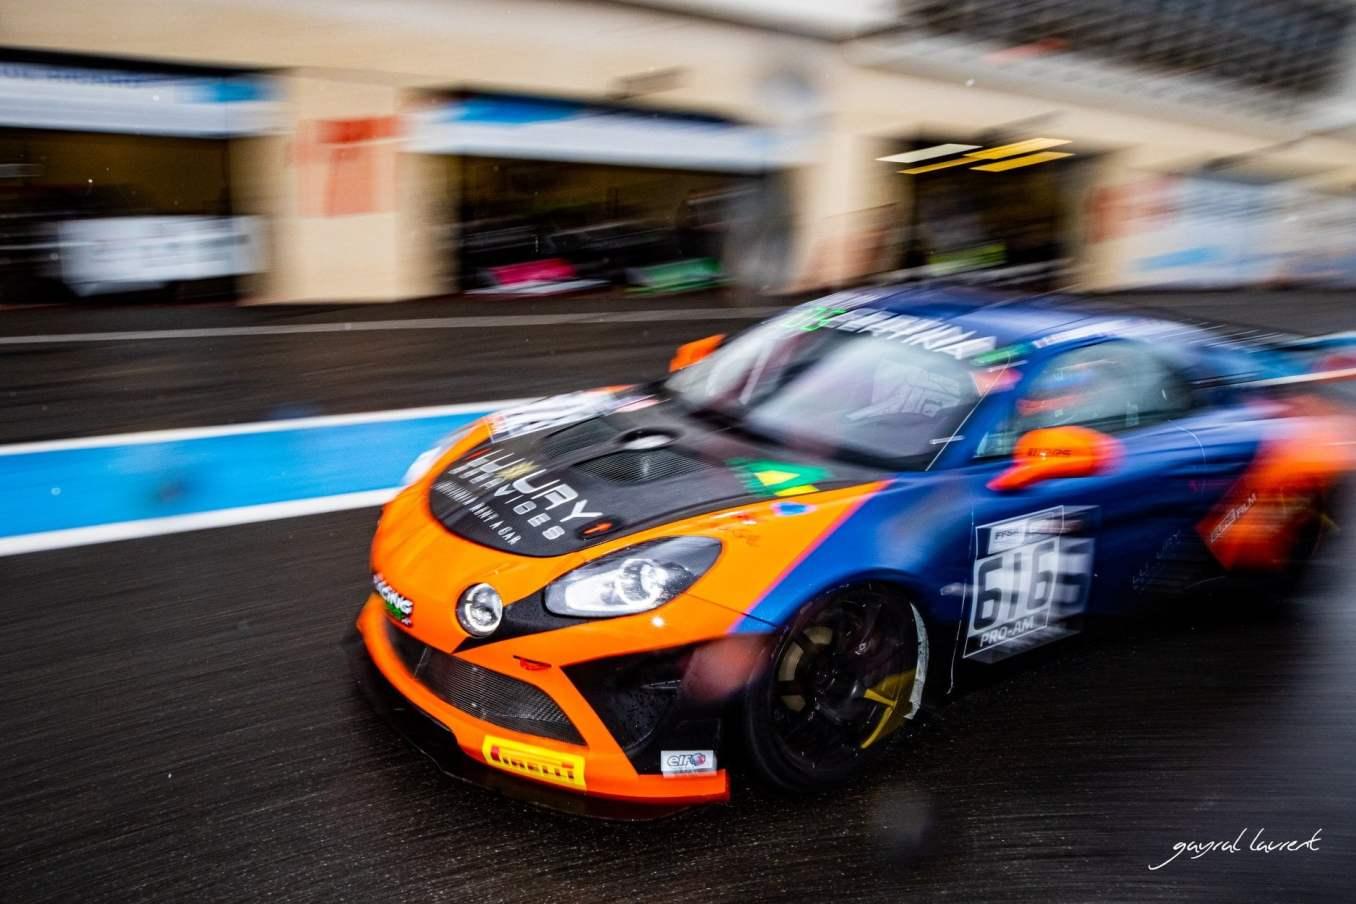 Alpine A110 GT4 FFSA GT Castellet Paul Ricard 2020 6 | Alpine A110 GT4 : Première victoire de Mirage Racing au Castellet en FFSA GT 2020